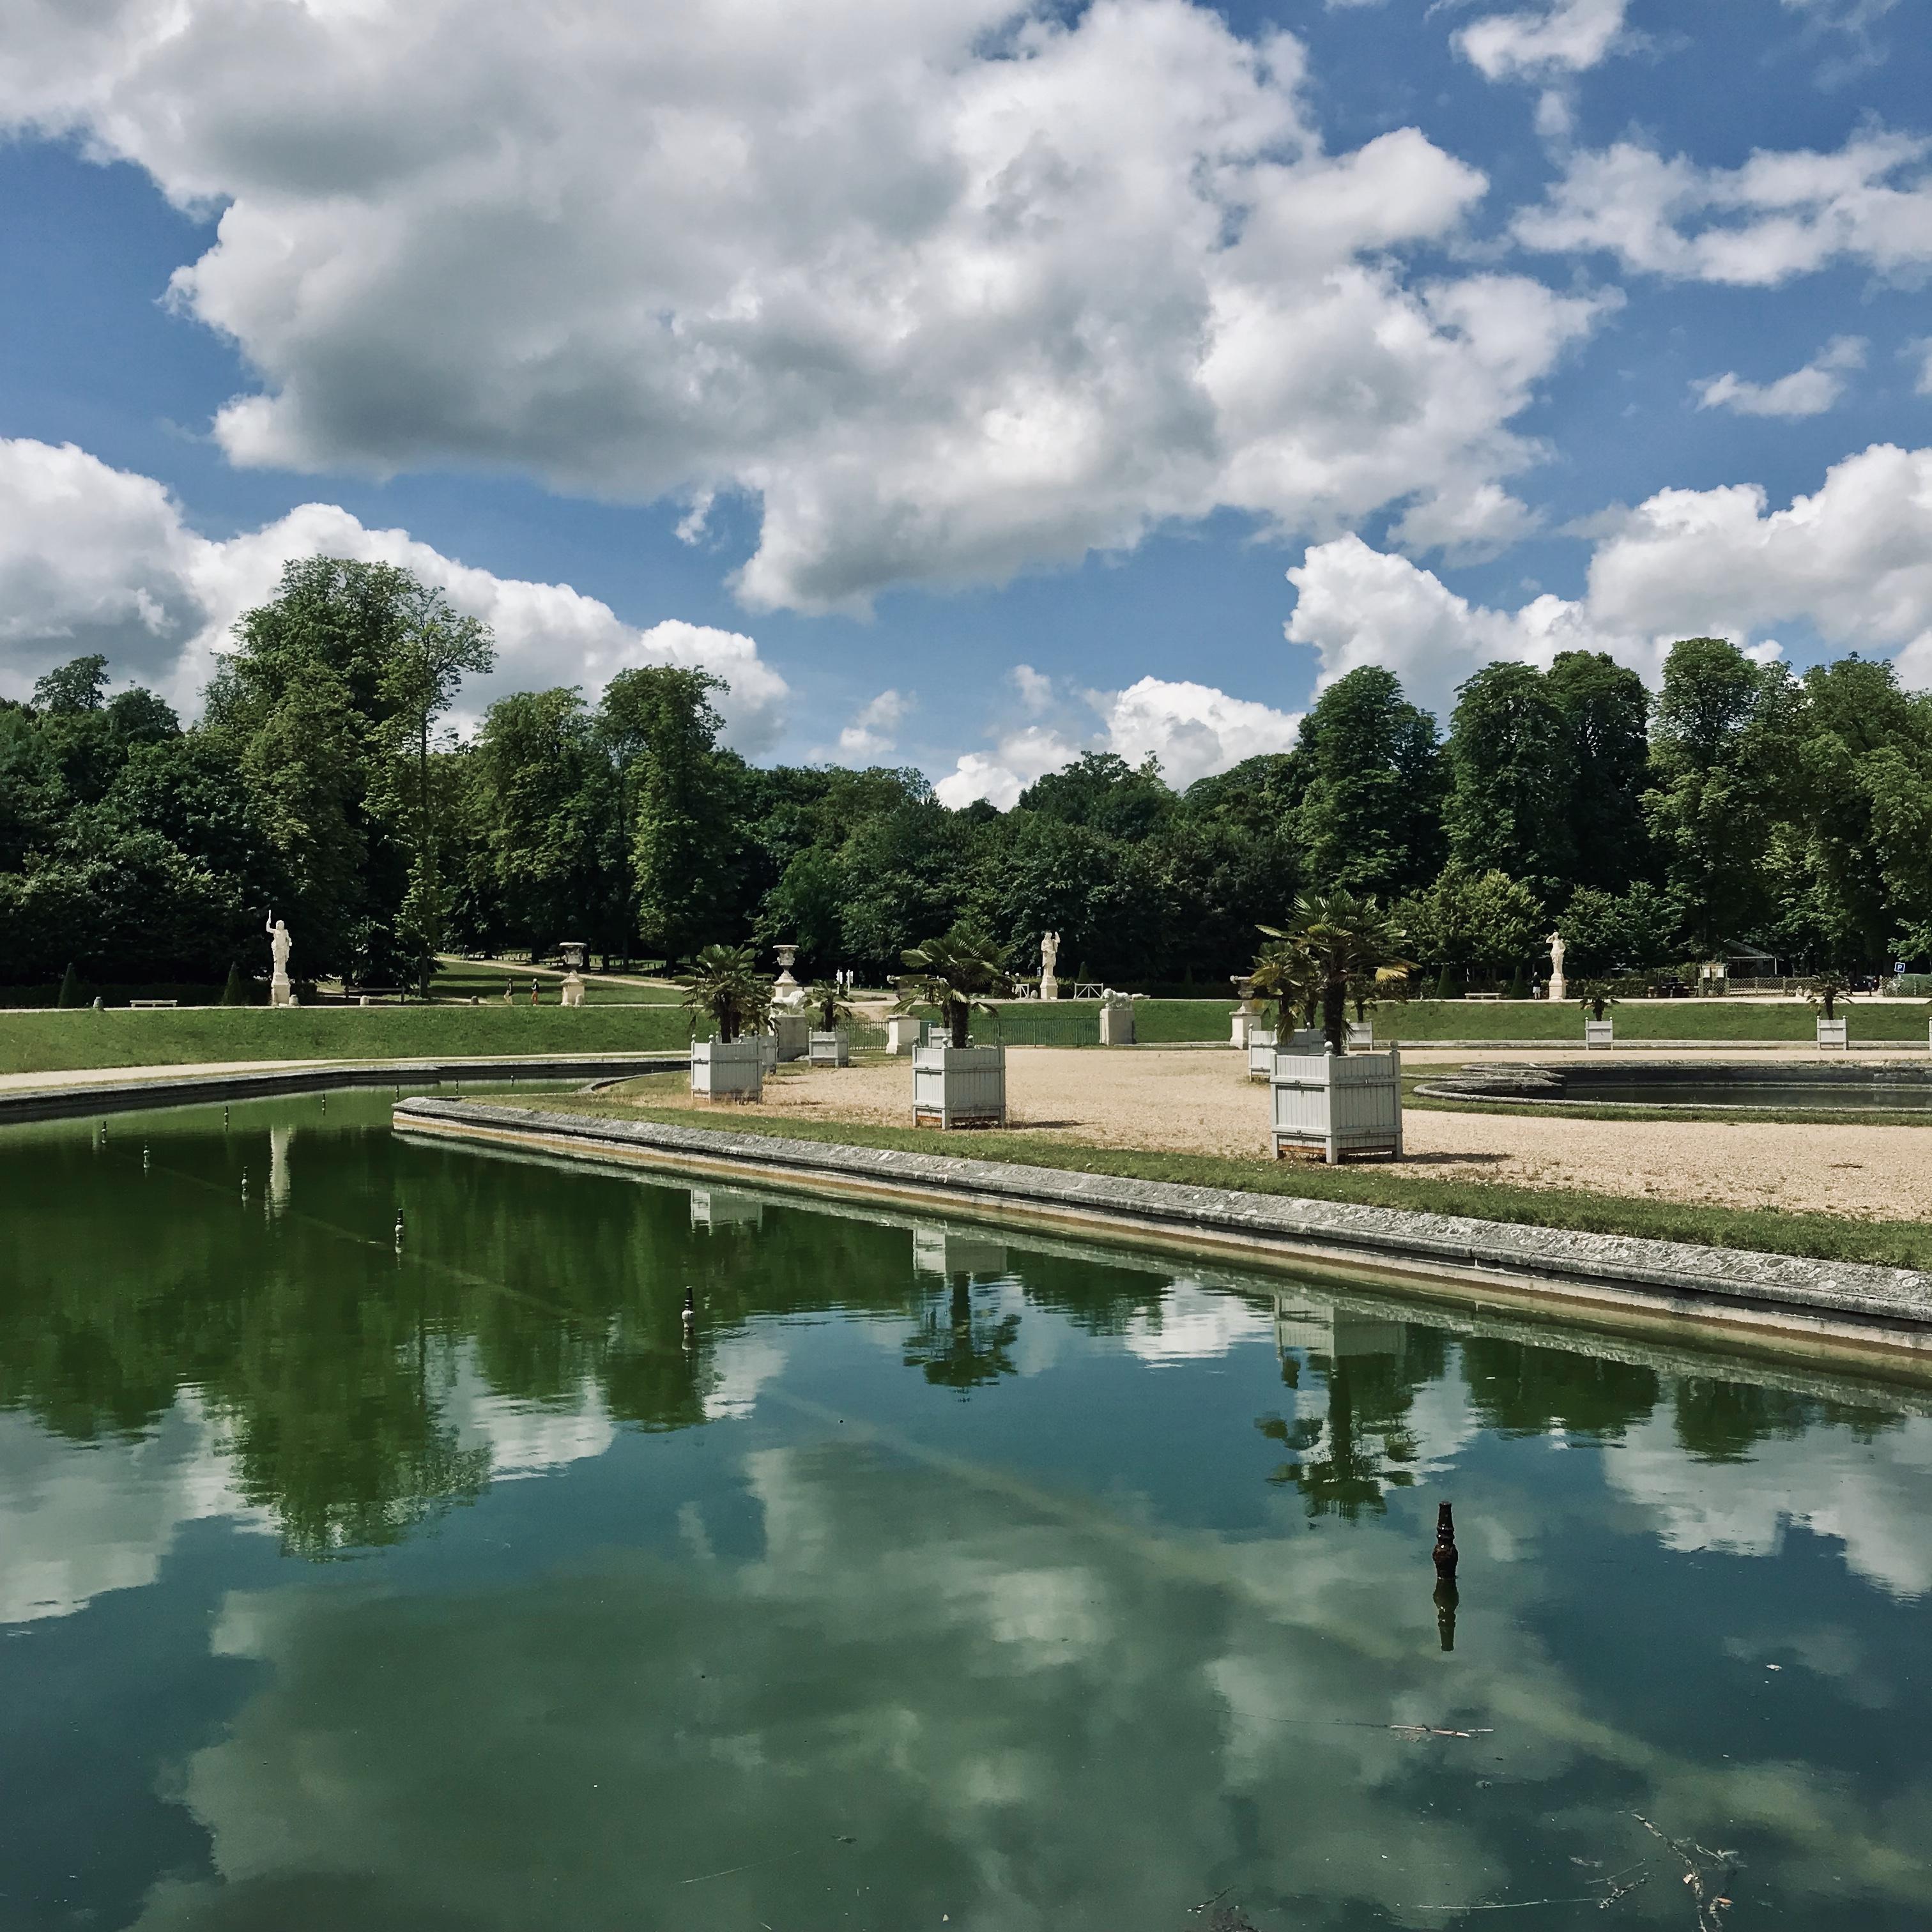 Parterre des 24 jets au Domaine de Saint-Cloud / © Vianney Delourme pour Enlarge your Paris